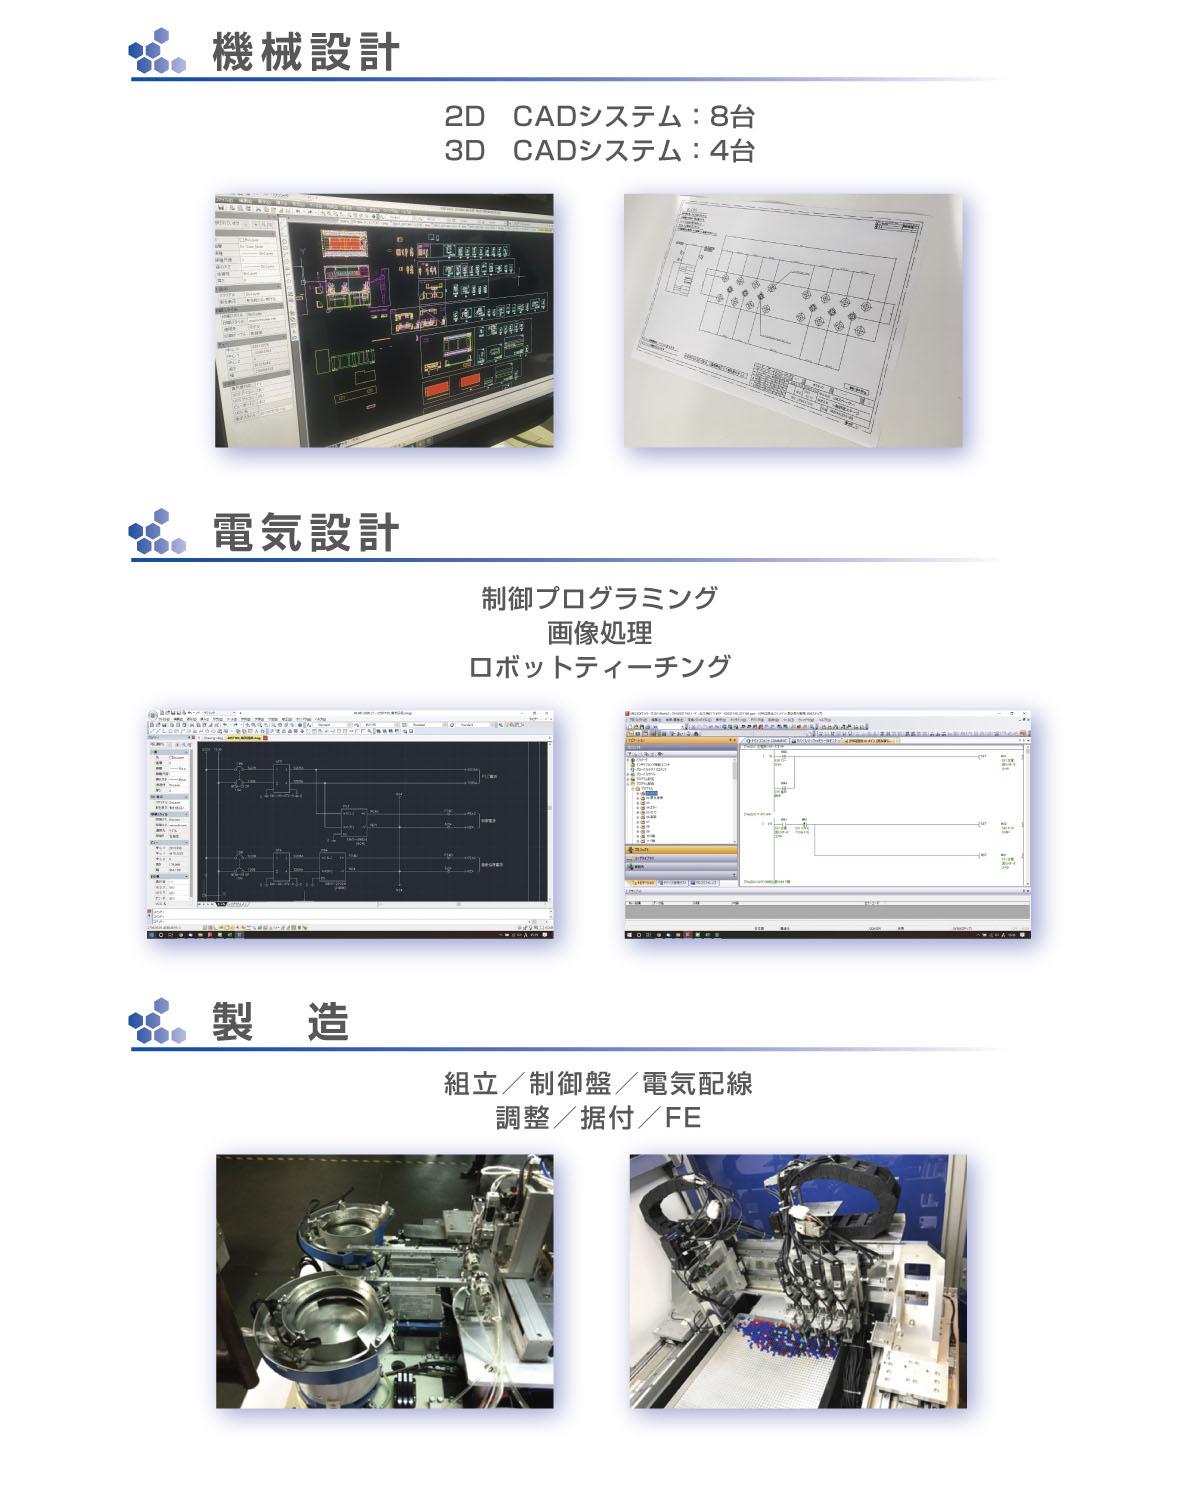 機械設計 2D CADシステム:8台 3D CADシステム:4台 電気設計 制御プログラミング 画像処理 ロボットティーチング 製造 組立/制御盤/電気配線 調整/据付/FE